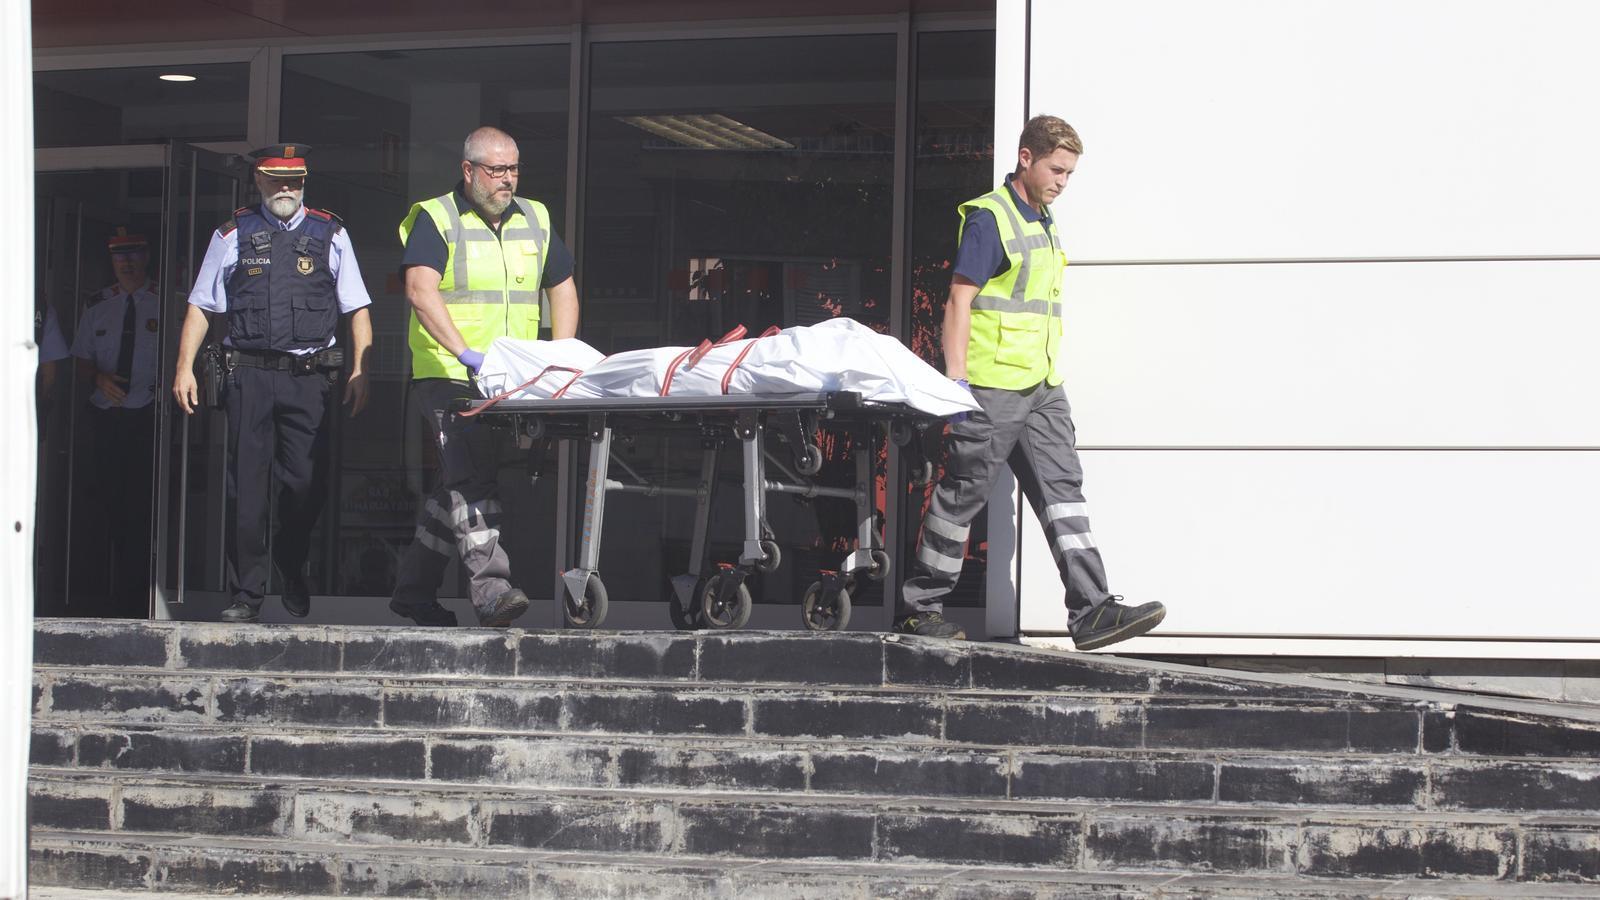 Els Mossos tracten l'atac d'un jove a la comissaria de Cornellà com un atemptat terrorista